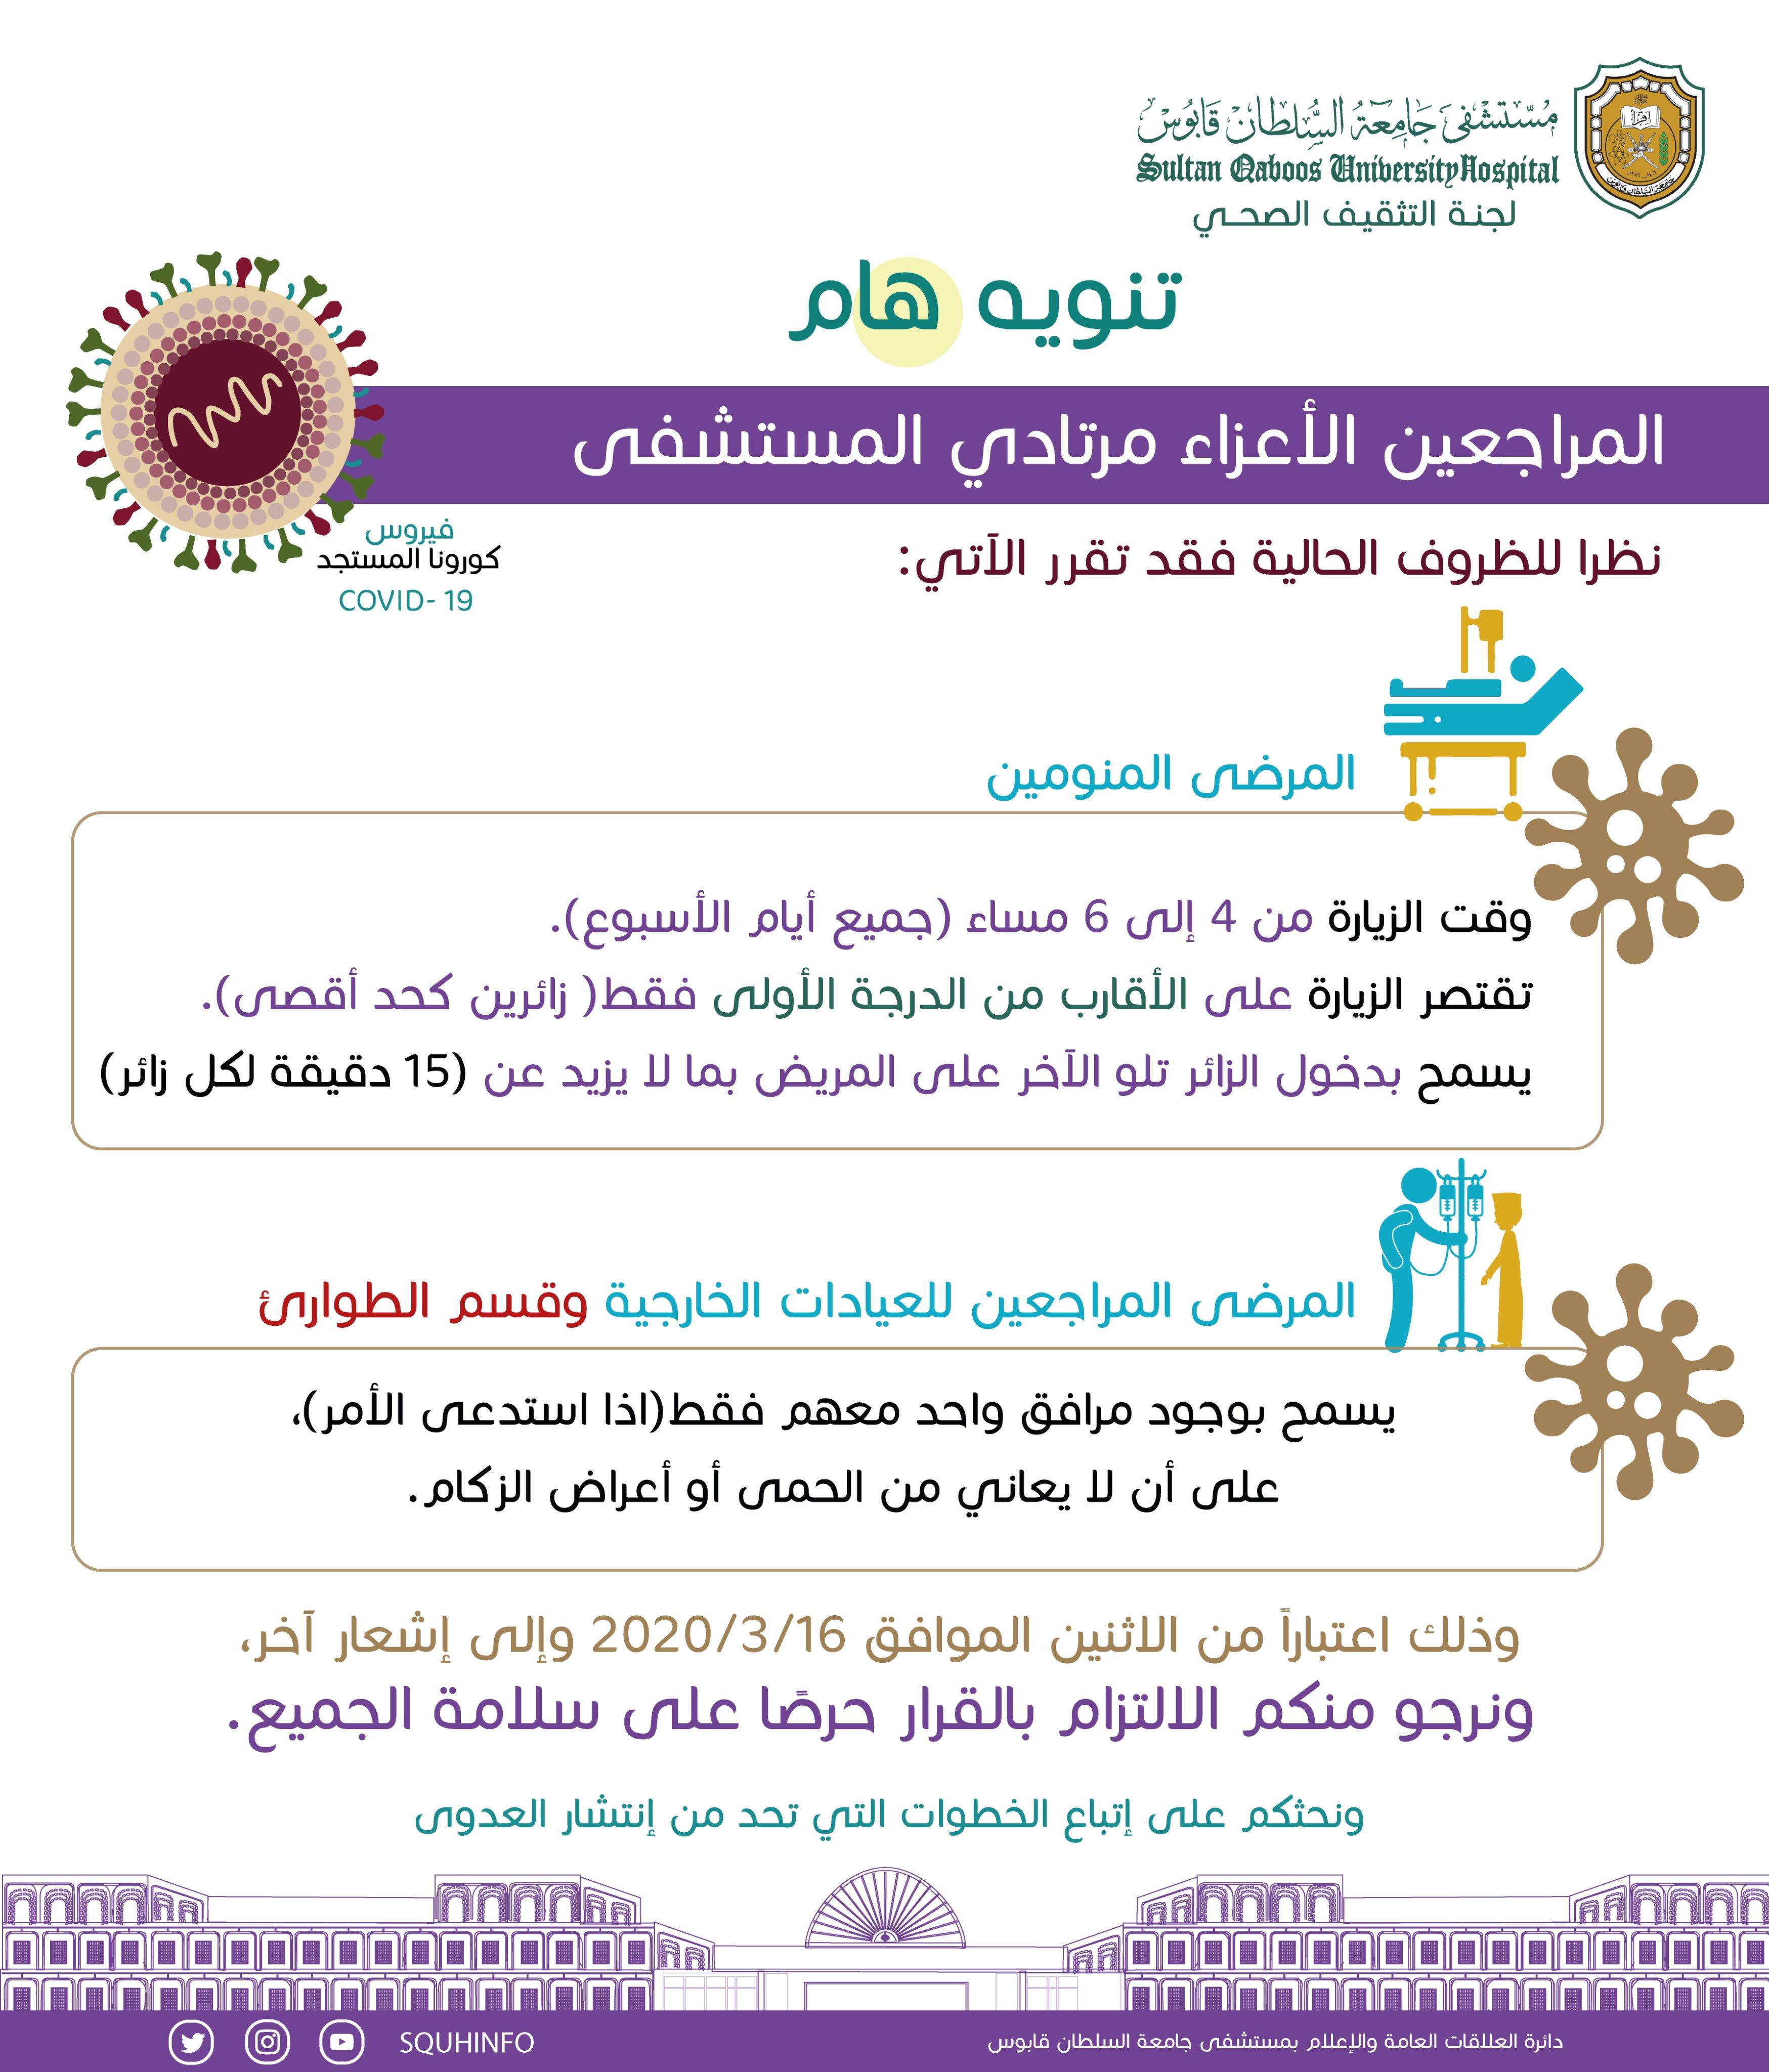 مستشفى جامعة السلطان يوضح مواعيد الزيارة في الظروف الحالية